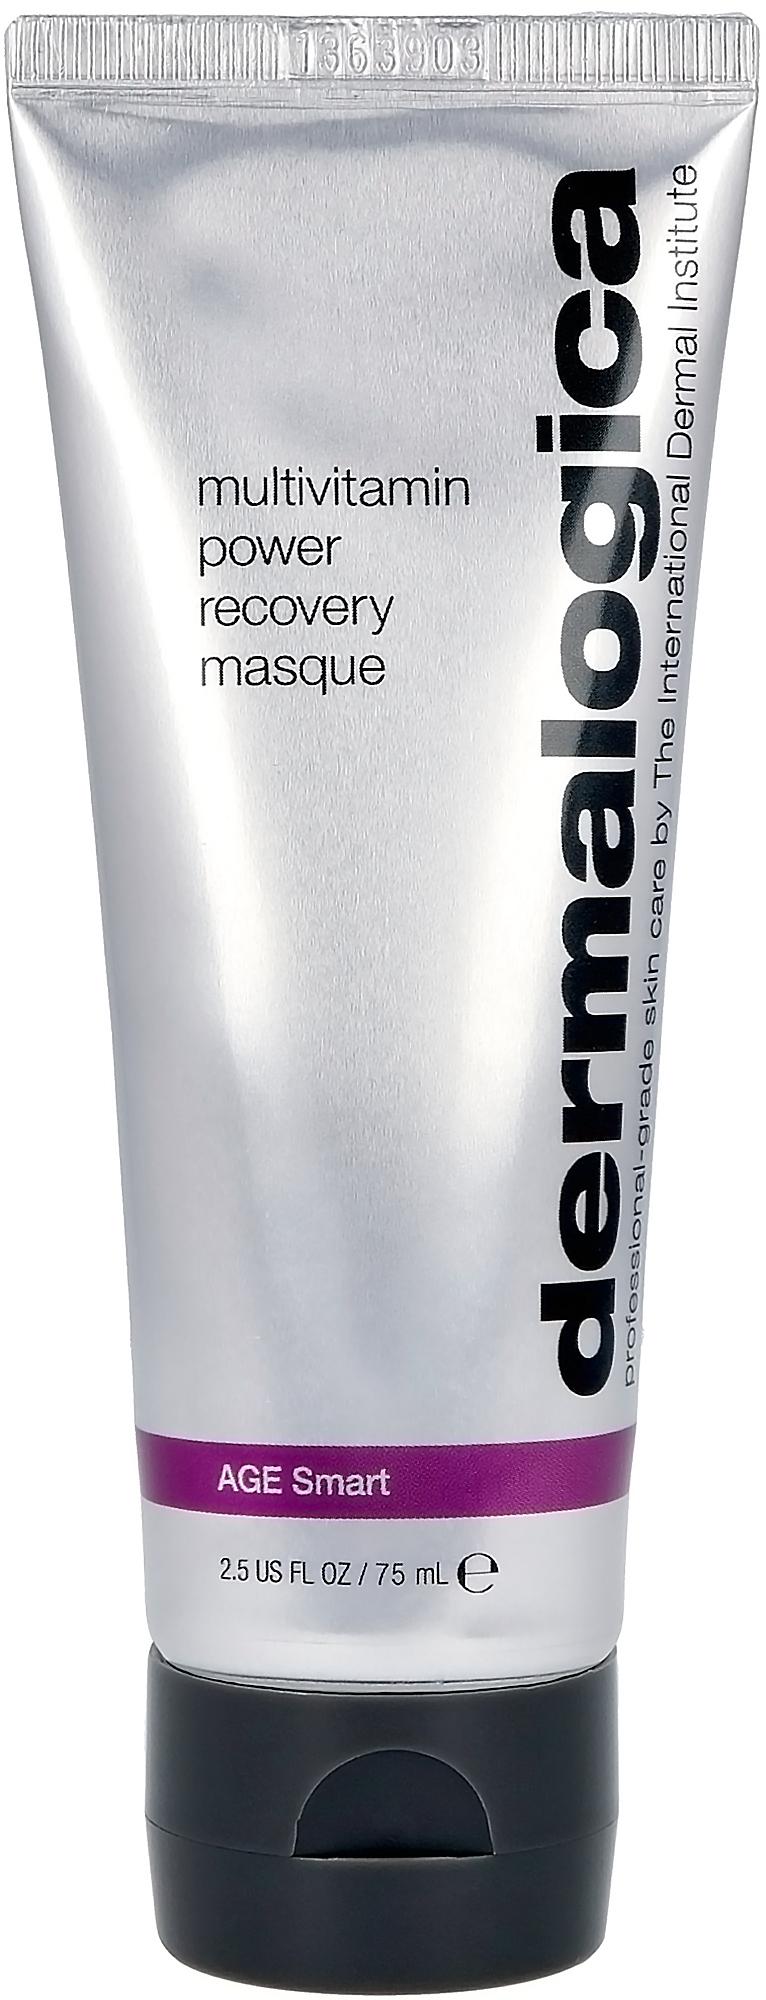 Dermalogica-maske